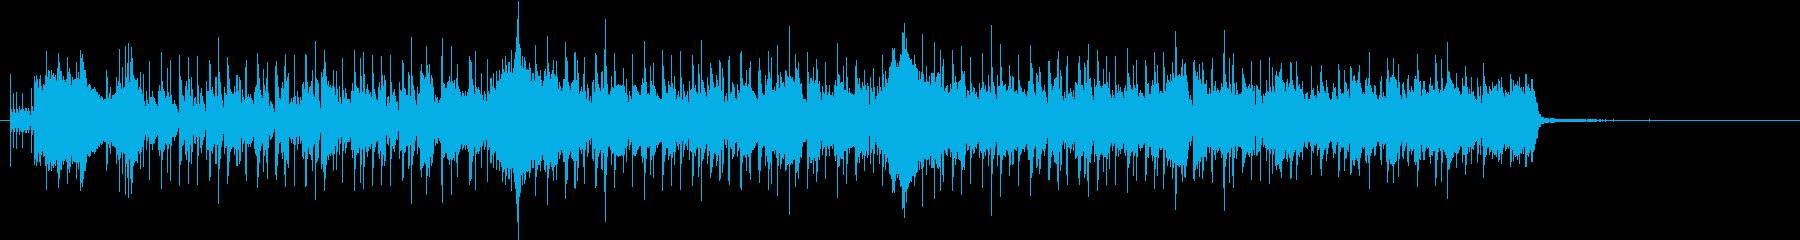 オシャレ情報コーナーのBGMの再生済みの波形